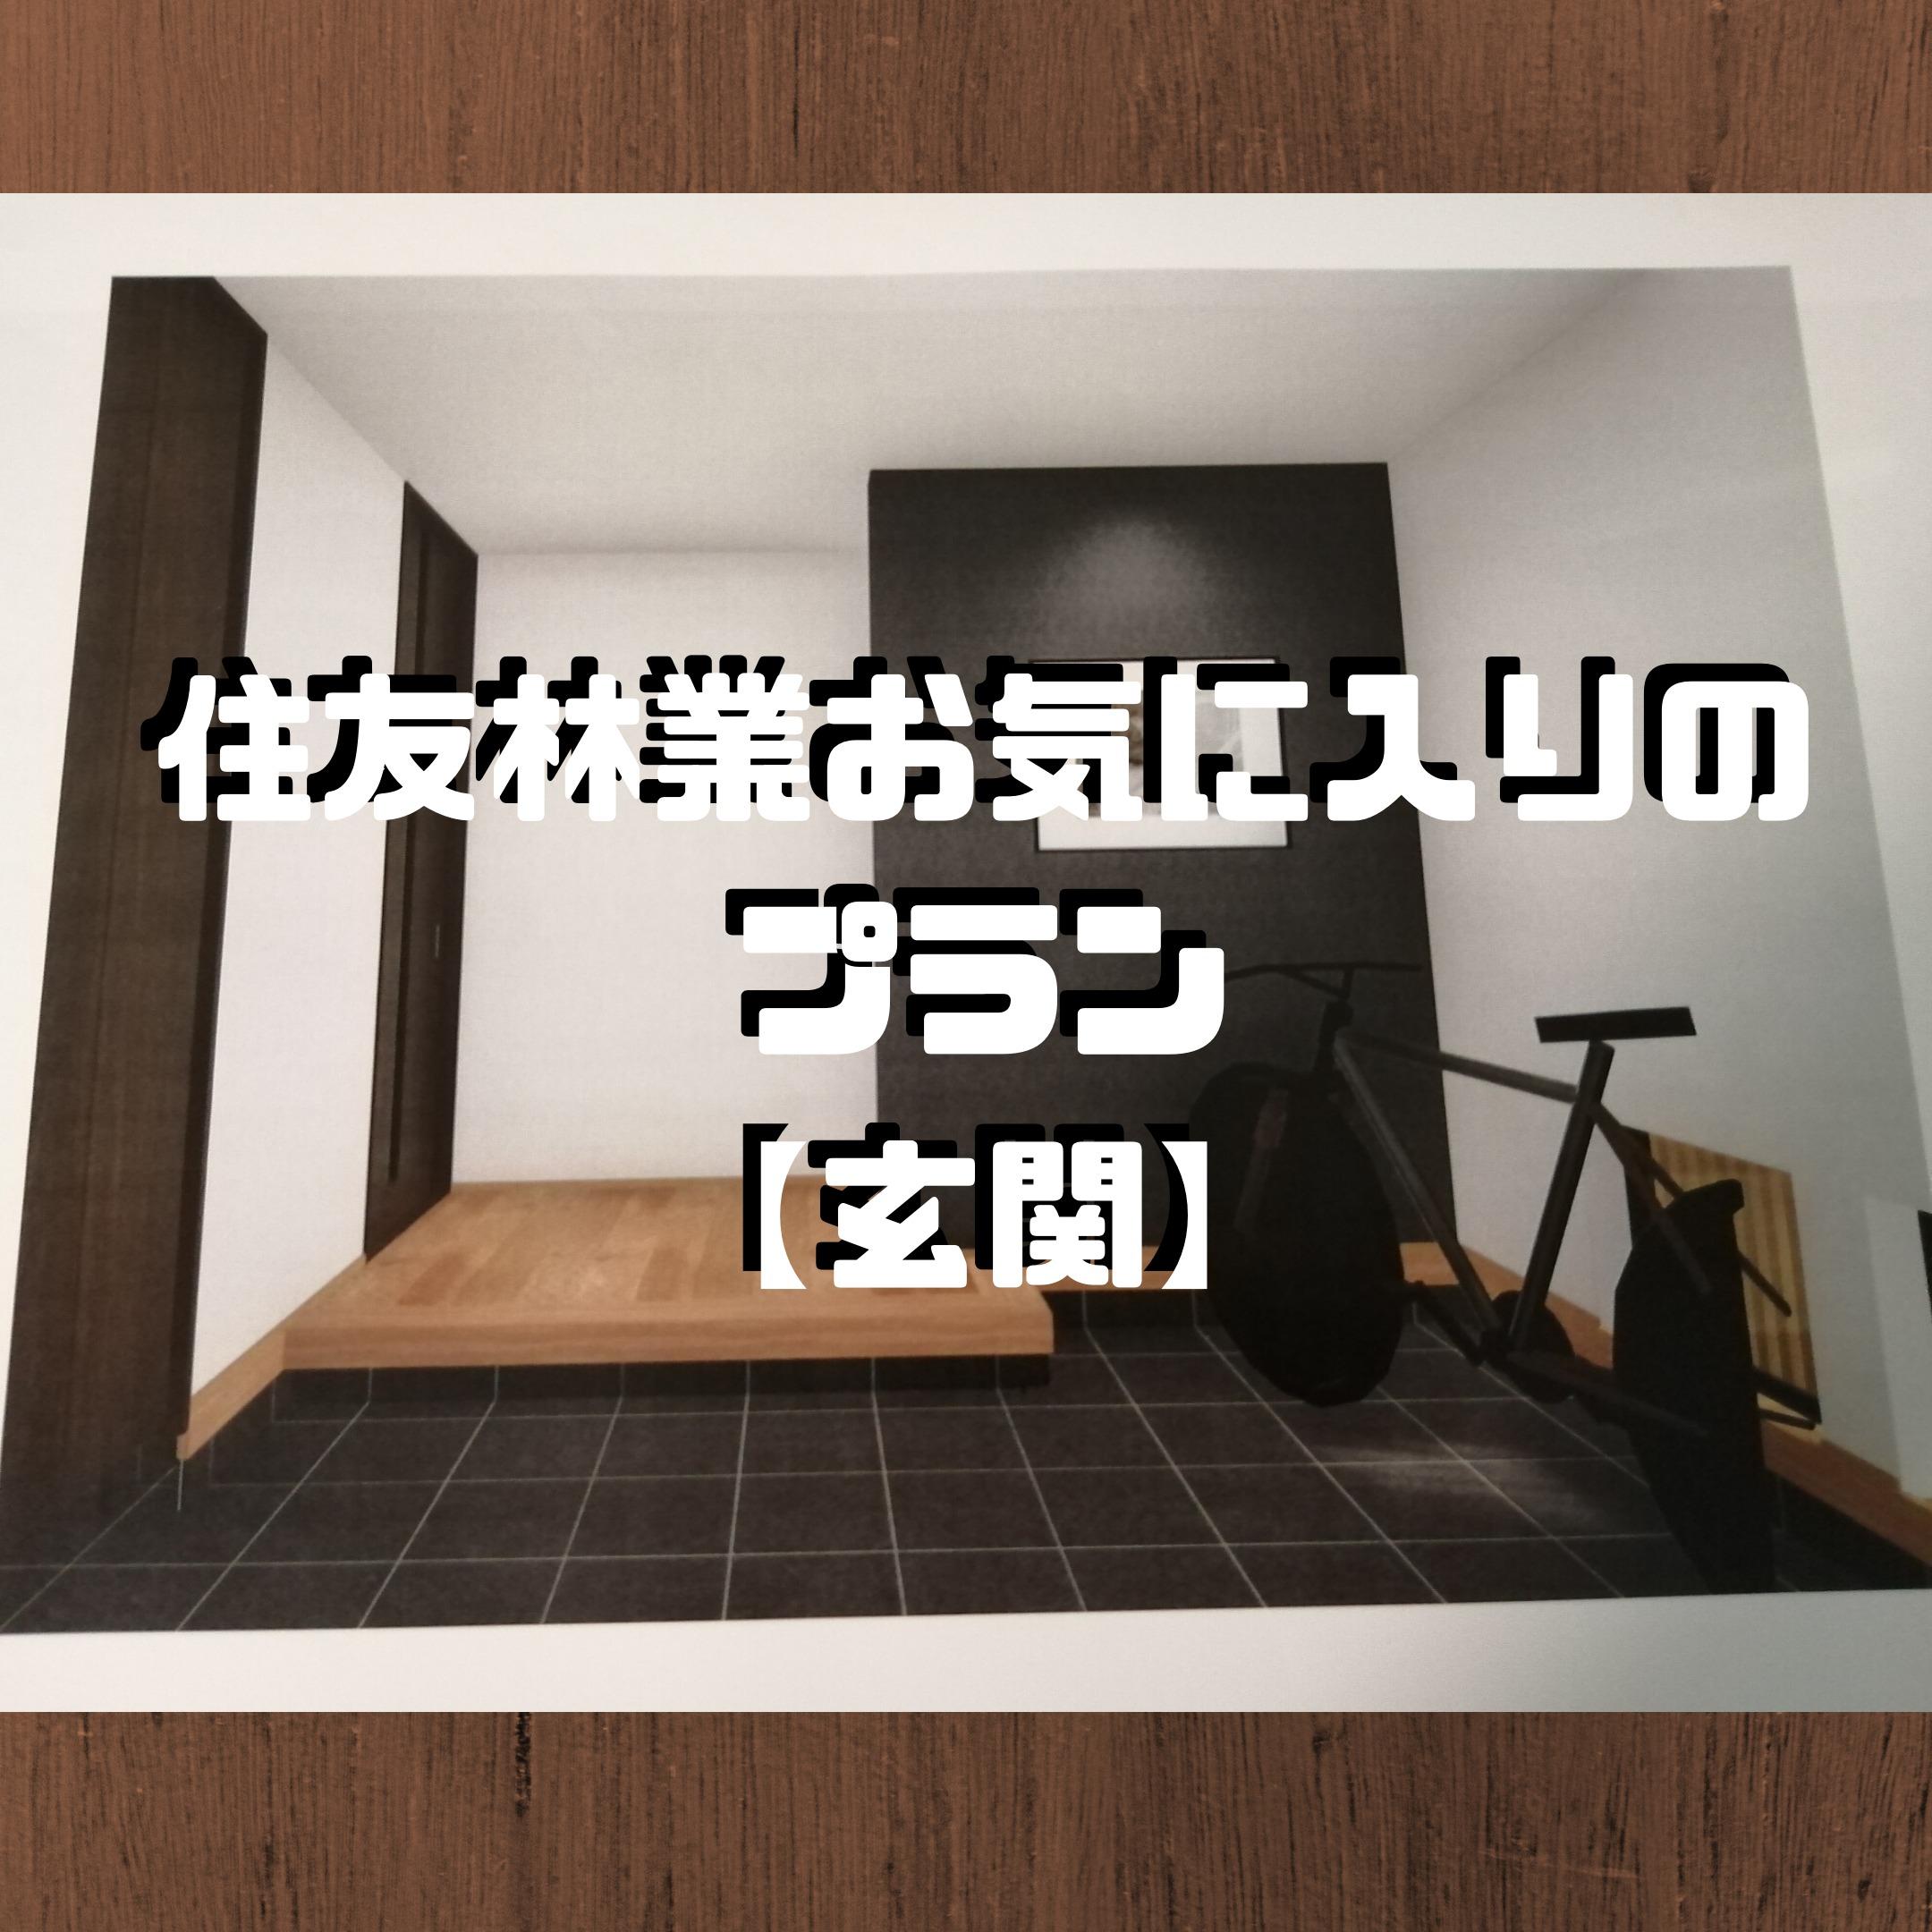 住友林業プランお気に入りの間取り【玄関編】